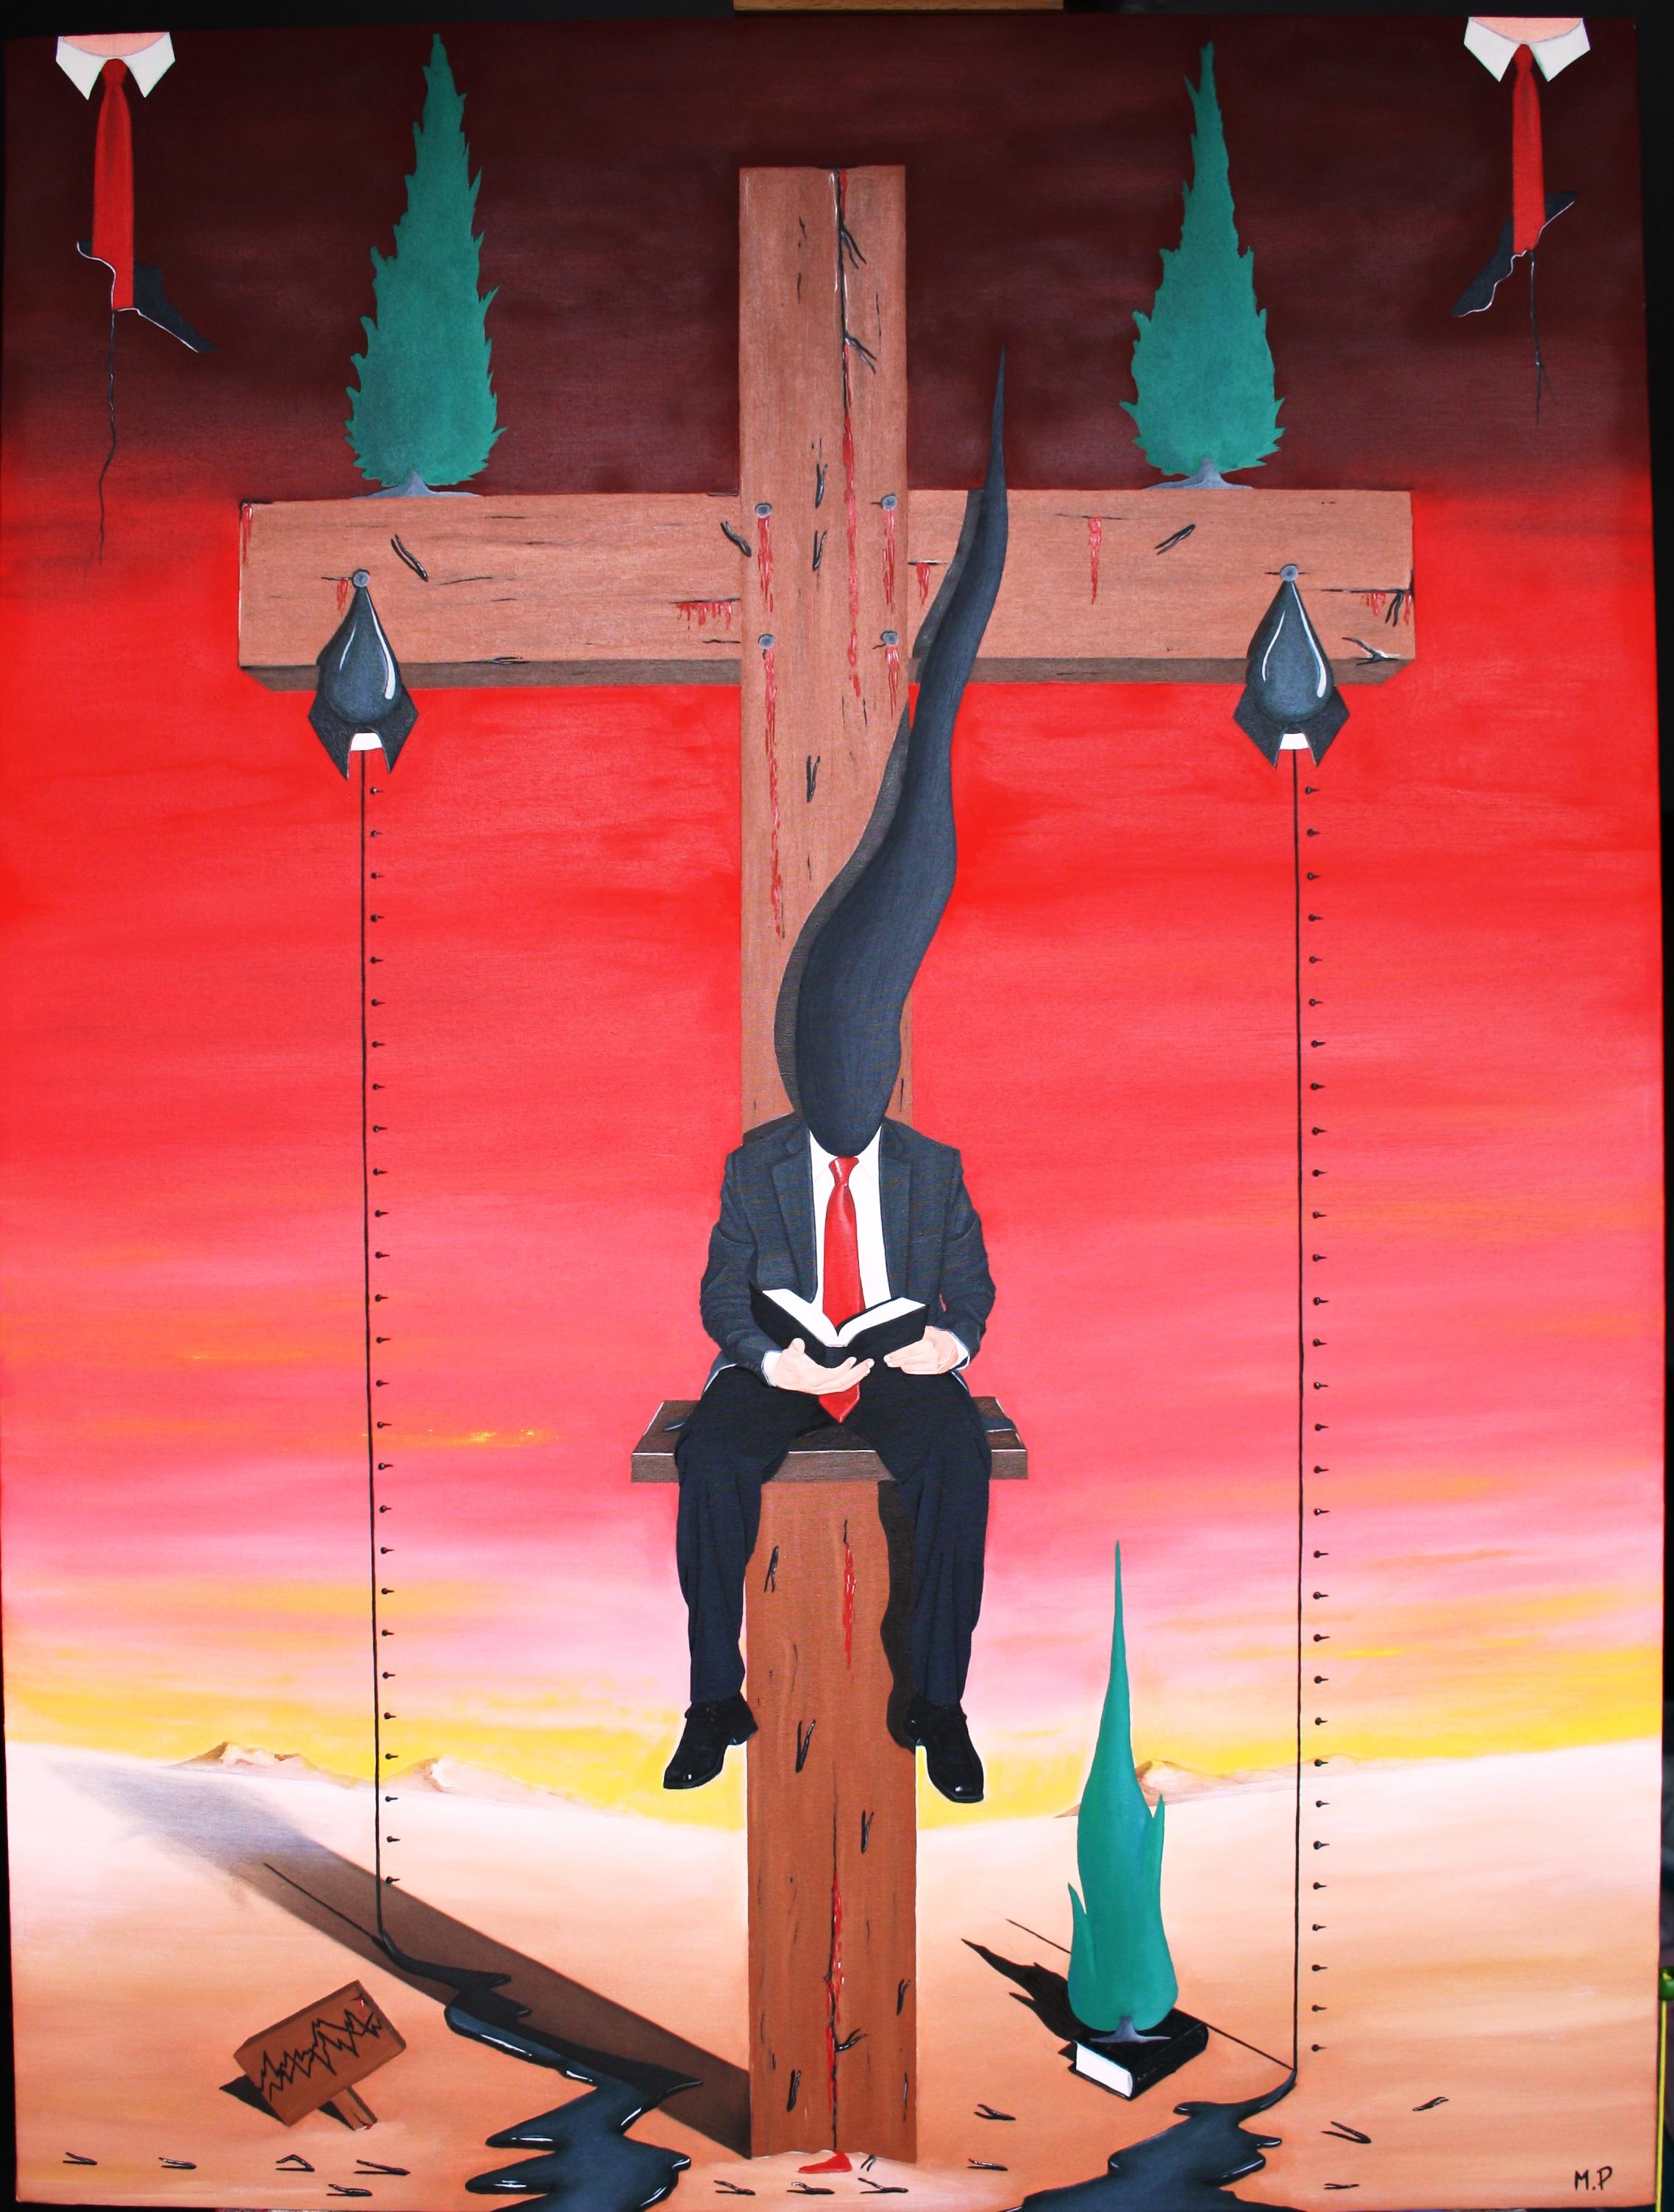 Sacrificio della Croce sull'altare della finanza, 2013 olio su tela 60x80 cm, Pasquale Mastrogiacomo Acerno(SA)